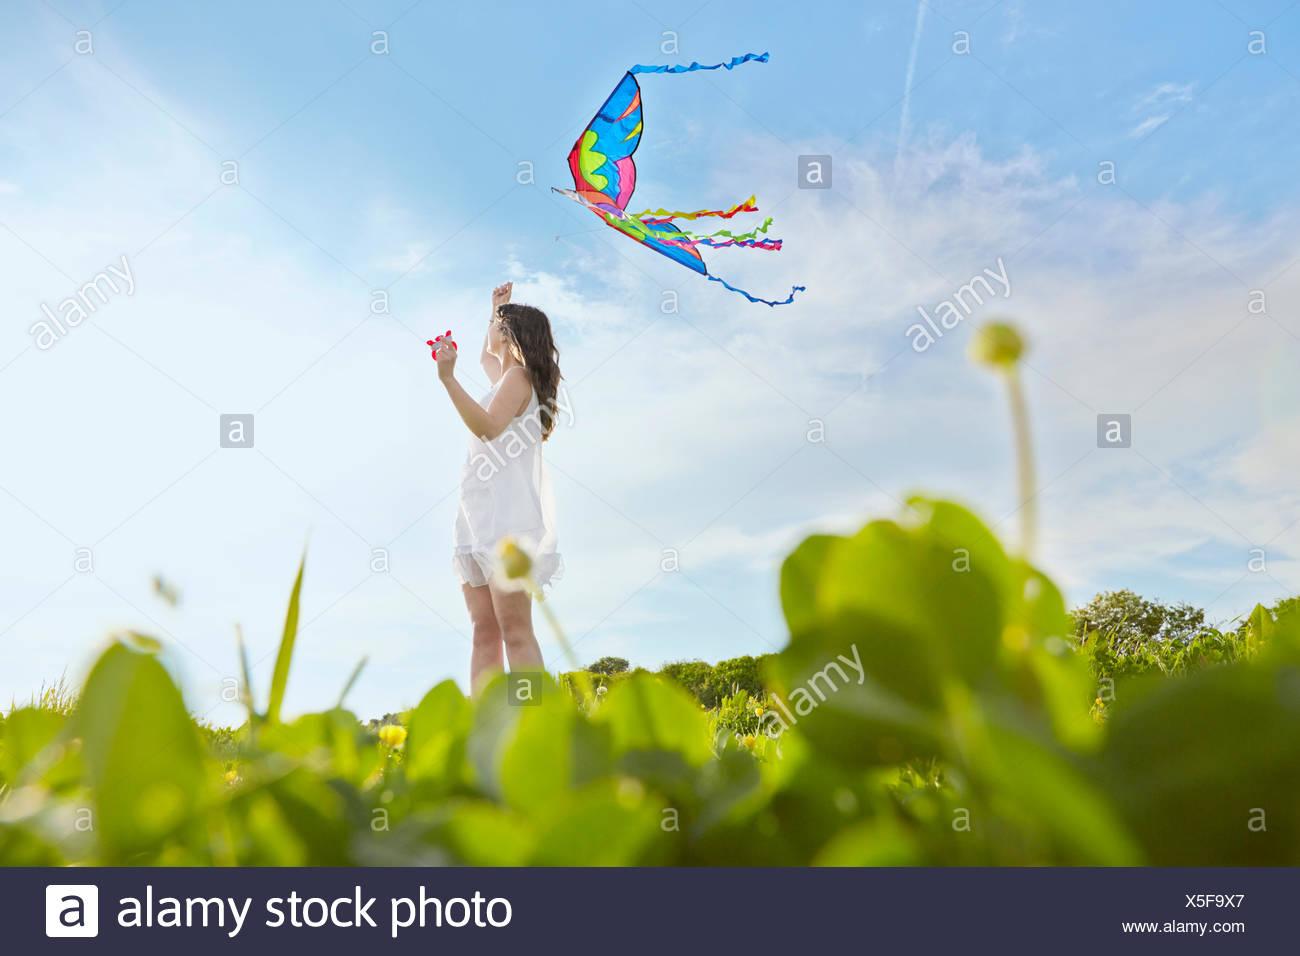 La superficie vista de joven volar una cometa en el campo Imagen De Stock